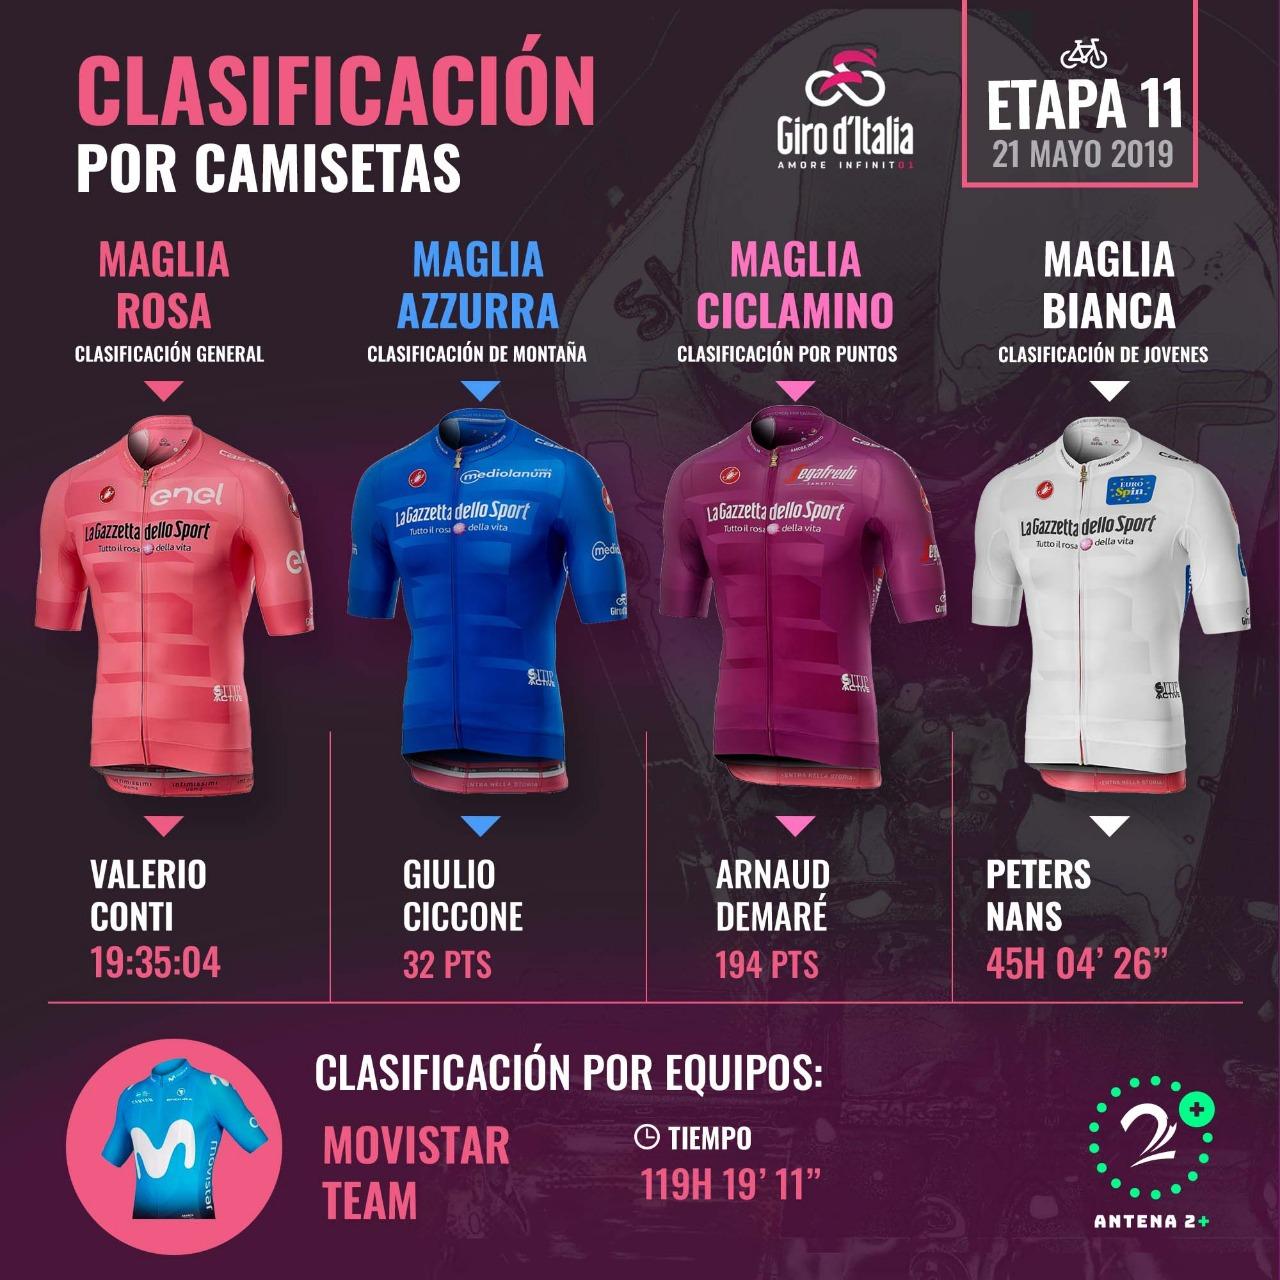 Clasificación de camisetas en la etapa 11 del Giro de Italia